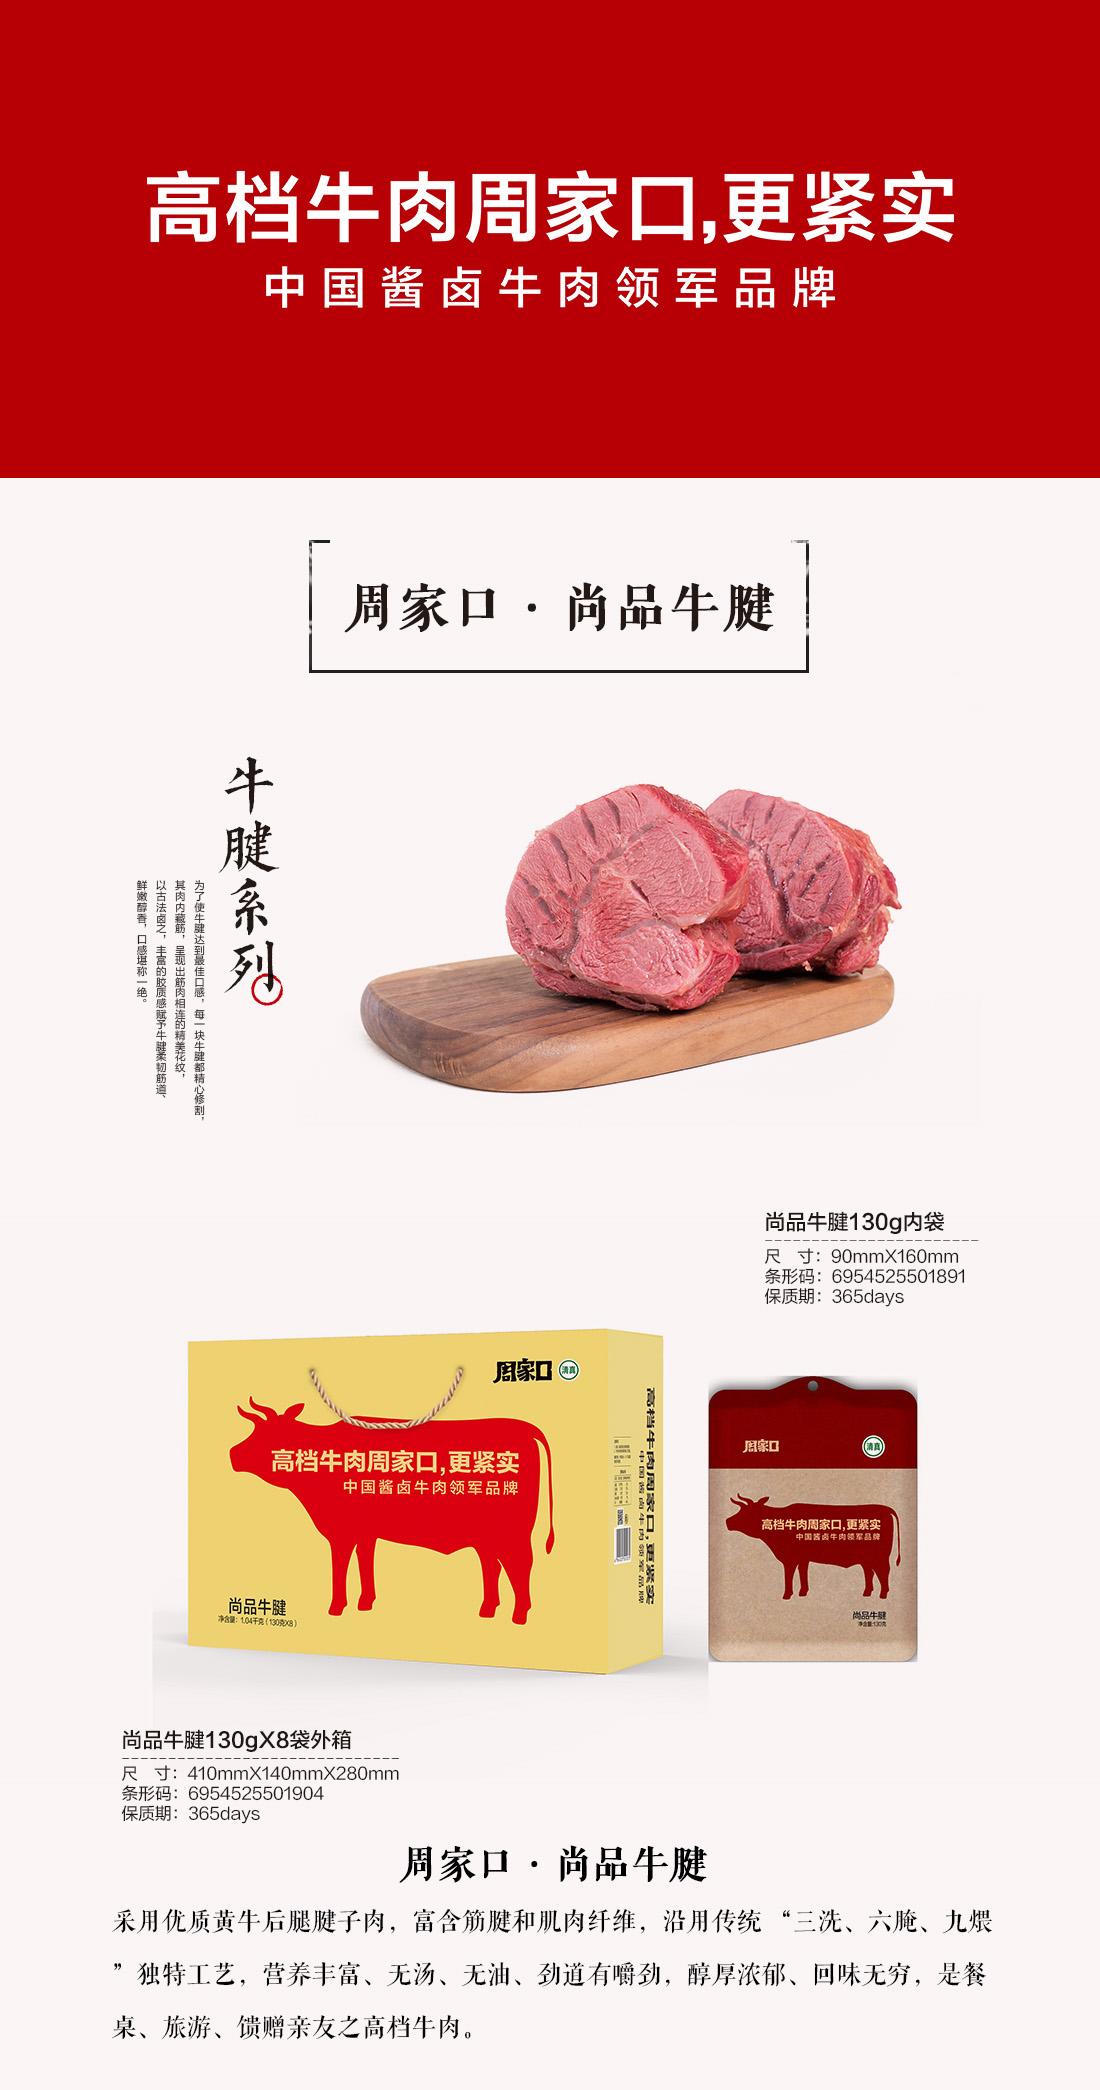 4.尚品牛腱详情.jpg